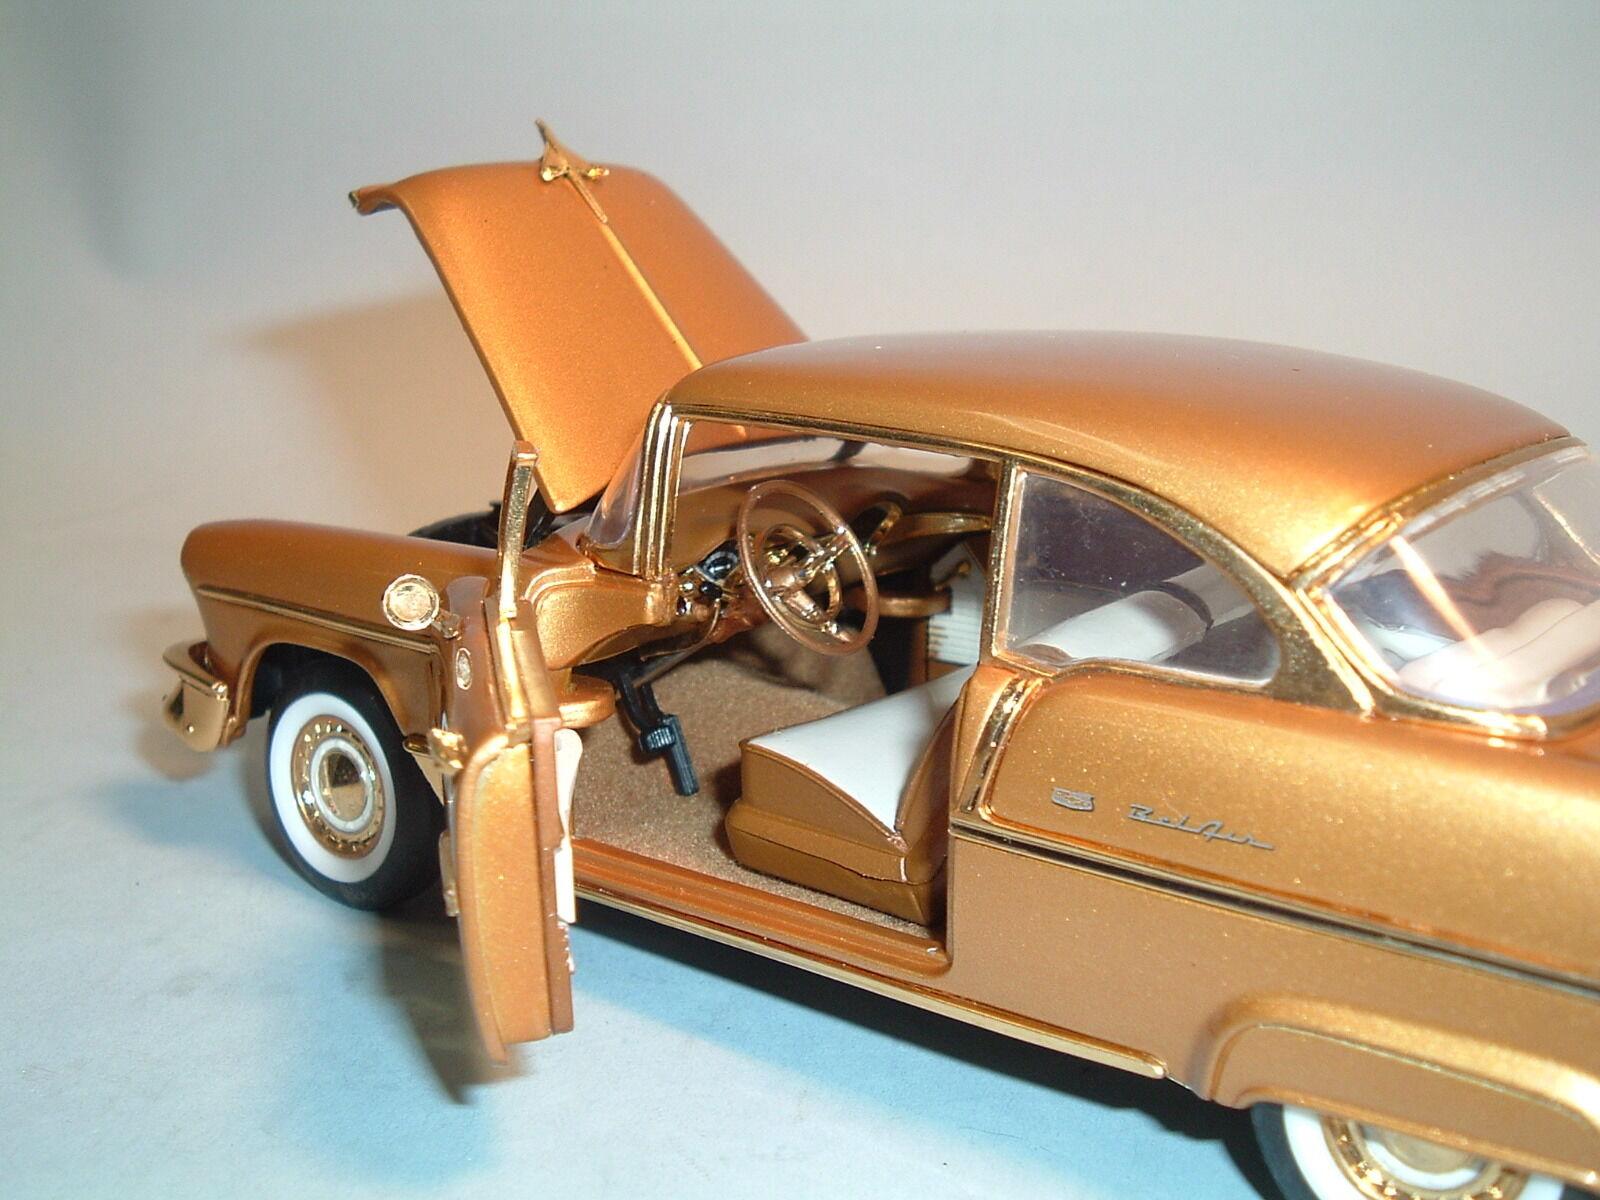 1955 1955 1955 CHEVROLET BEL AIR gold LE 1576 9900 FRANKLIN MINT 1 24 DIECAST & BOX c82d9e